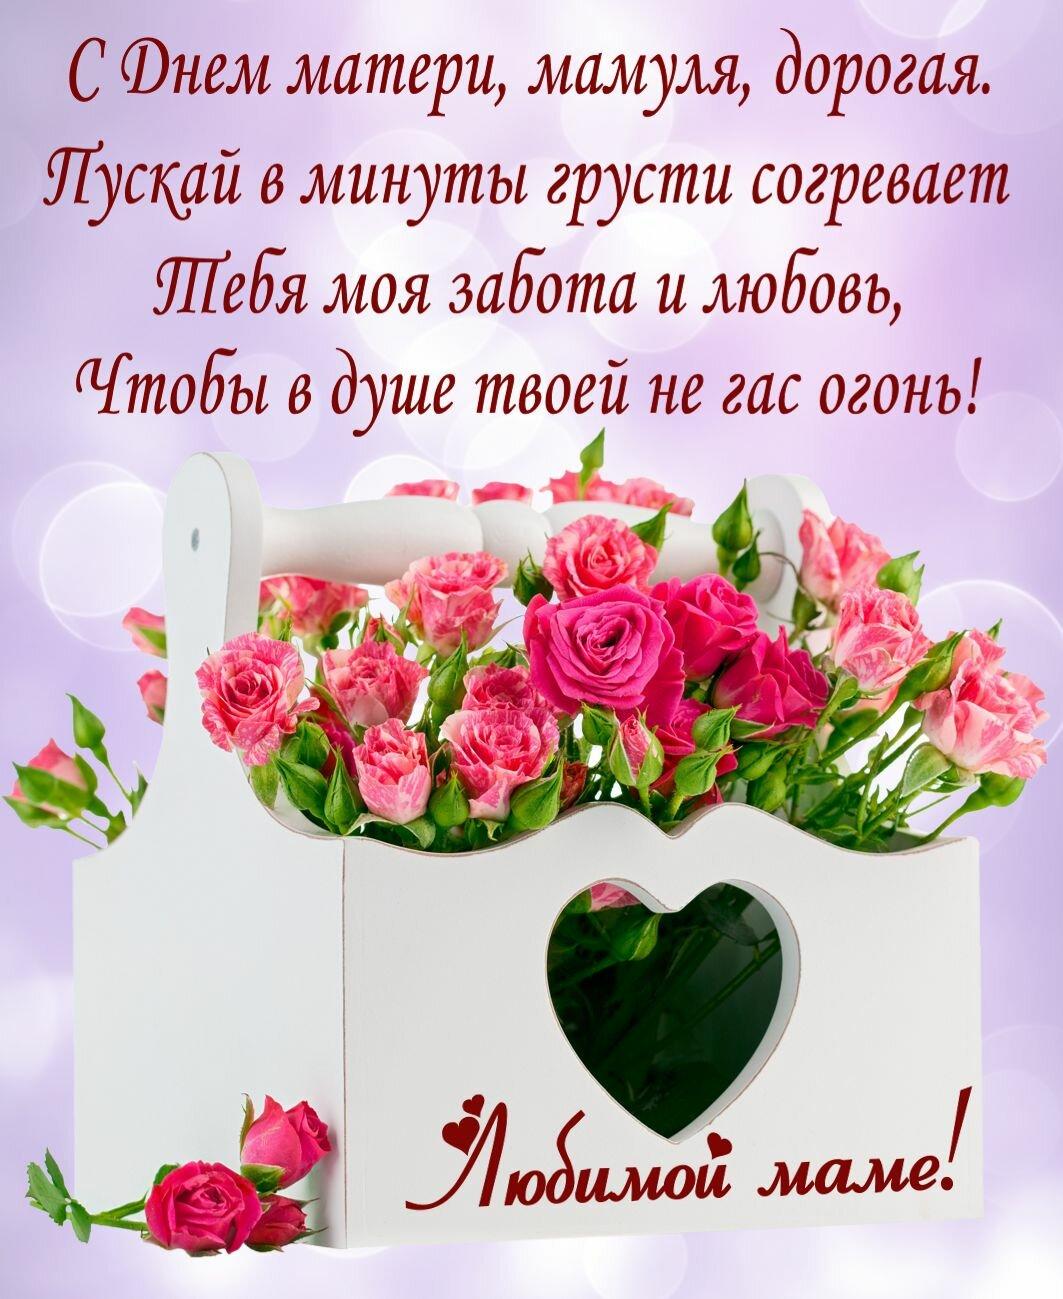 Поздравления с днем матери знакомой девочке. поздравление с днем матери знакомой женщине, девушке